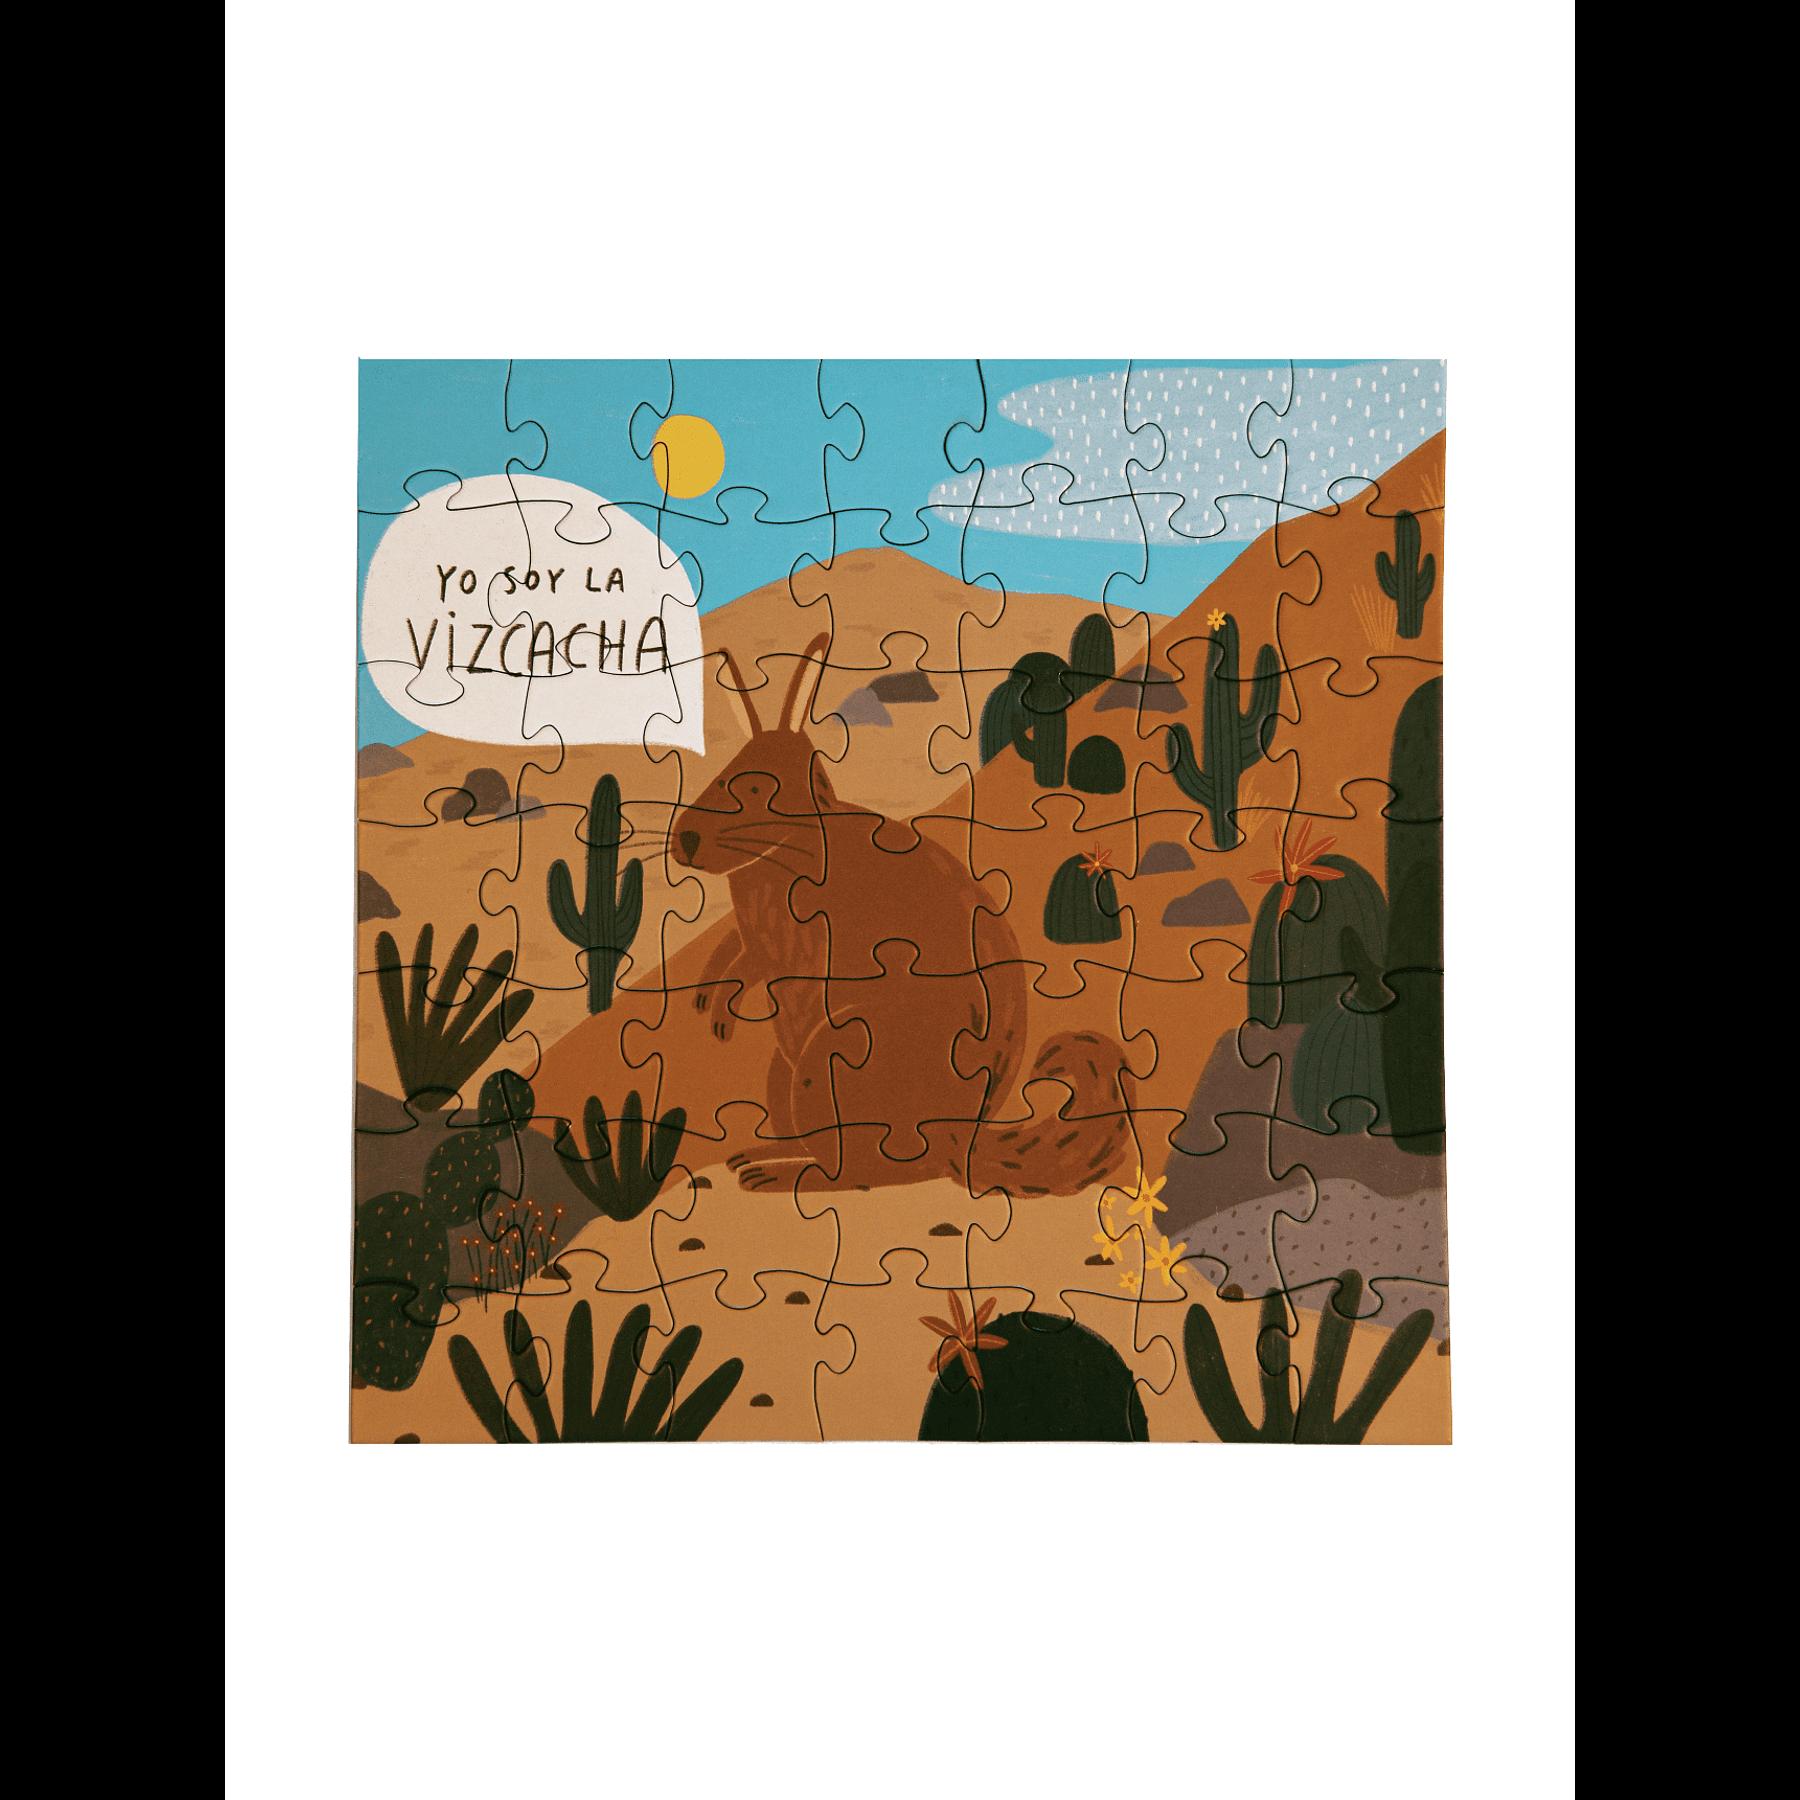 Puzzle Vizcacha 49 Piezas